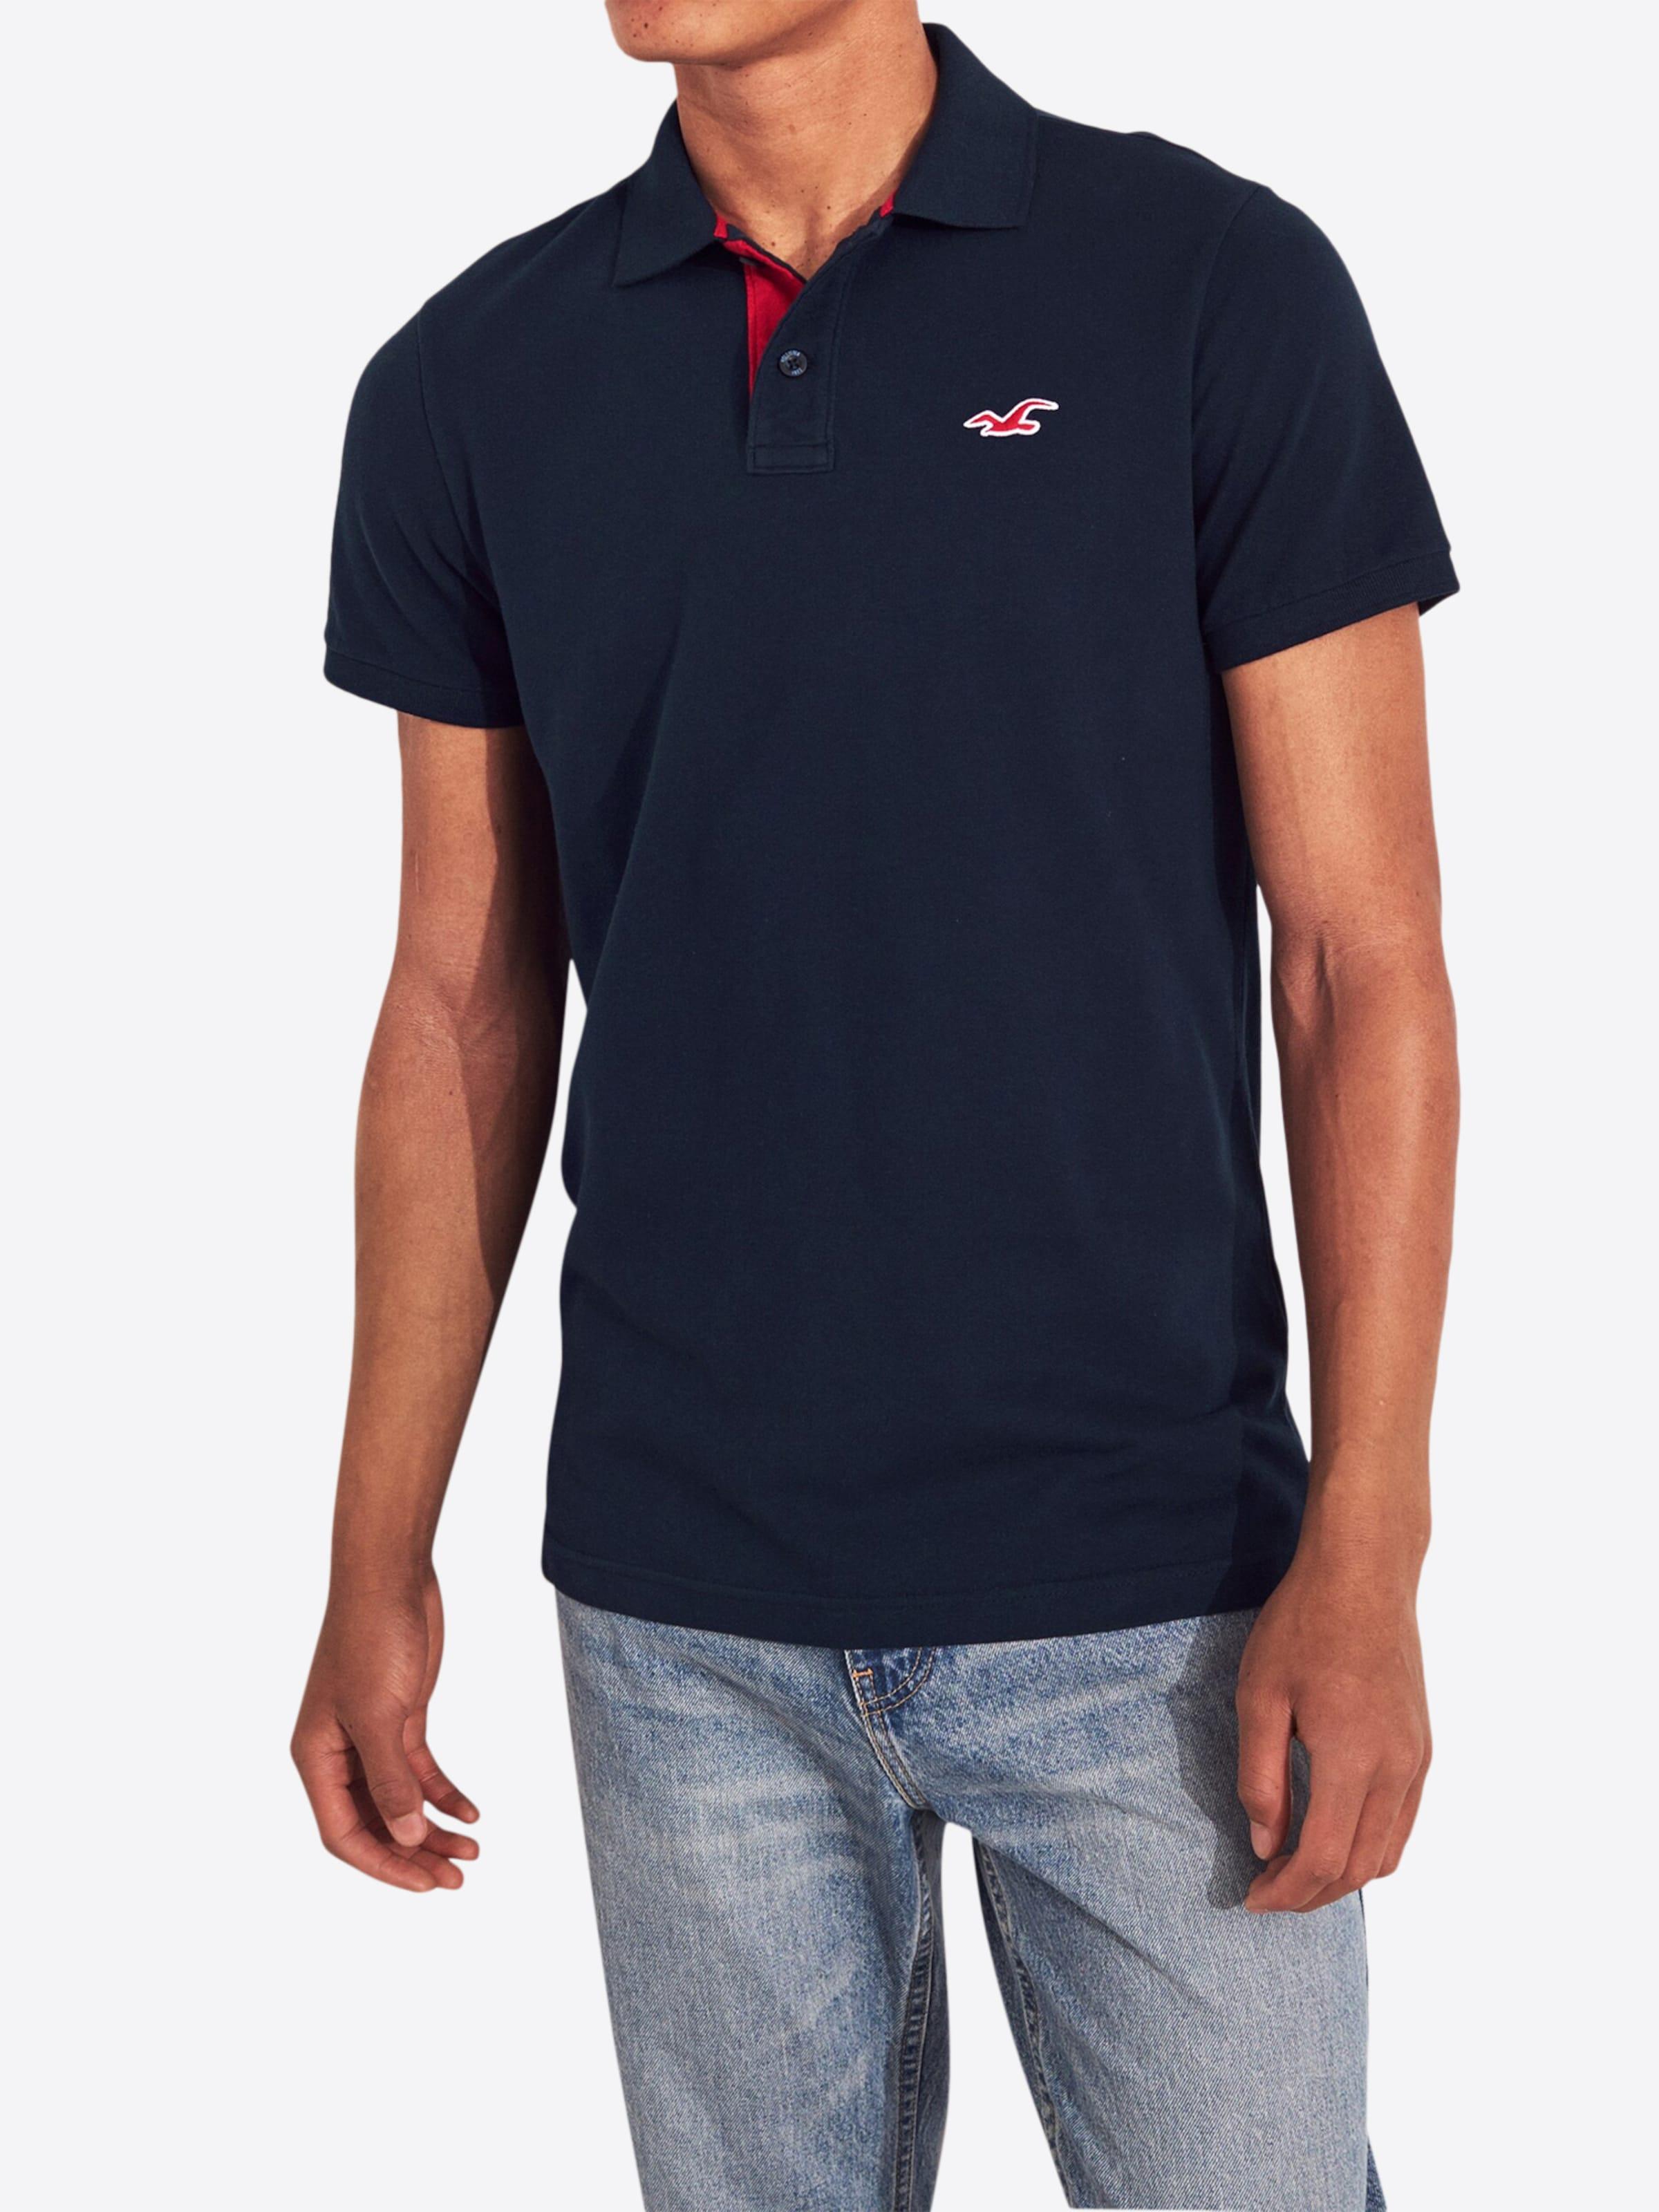 Hollister shirt 6cc' T Slim Noir En heritage 'bts19 Polo k0nO8wP